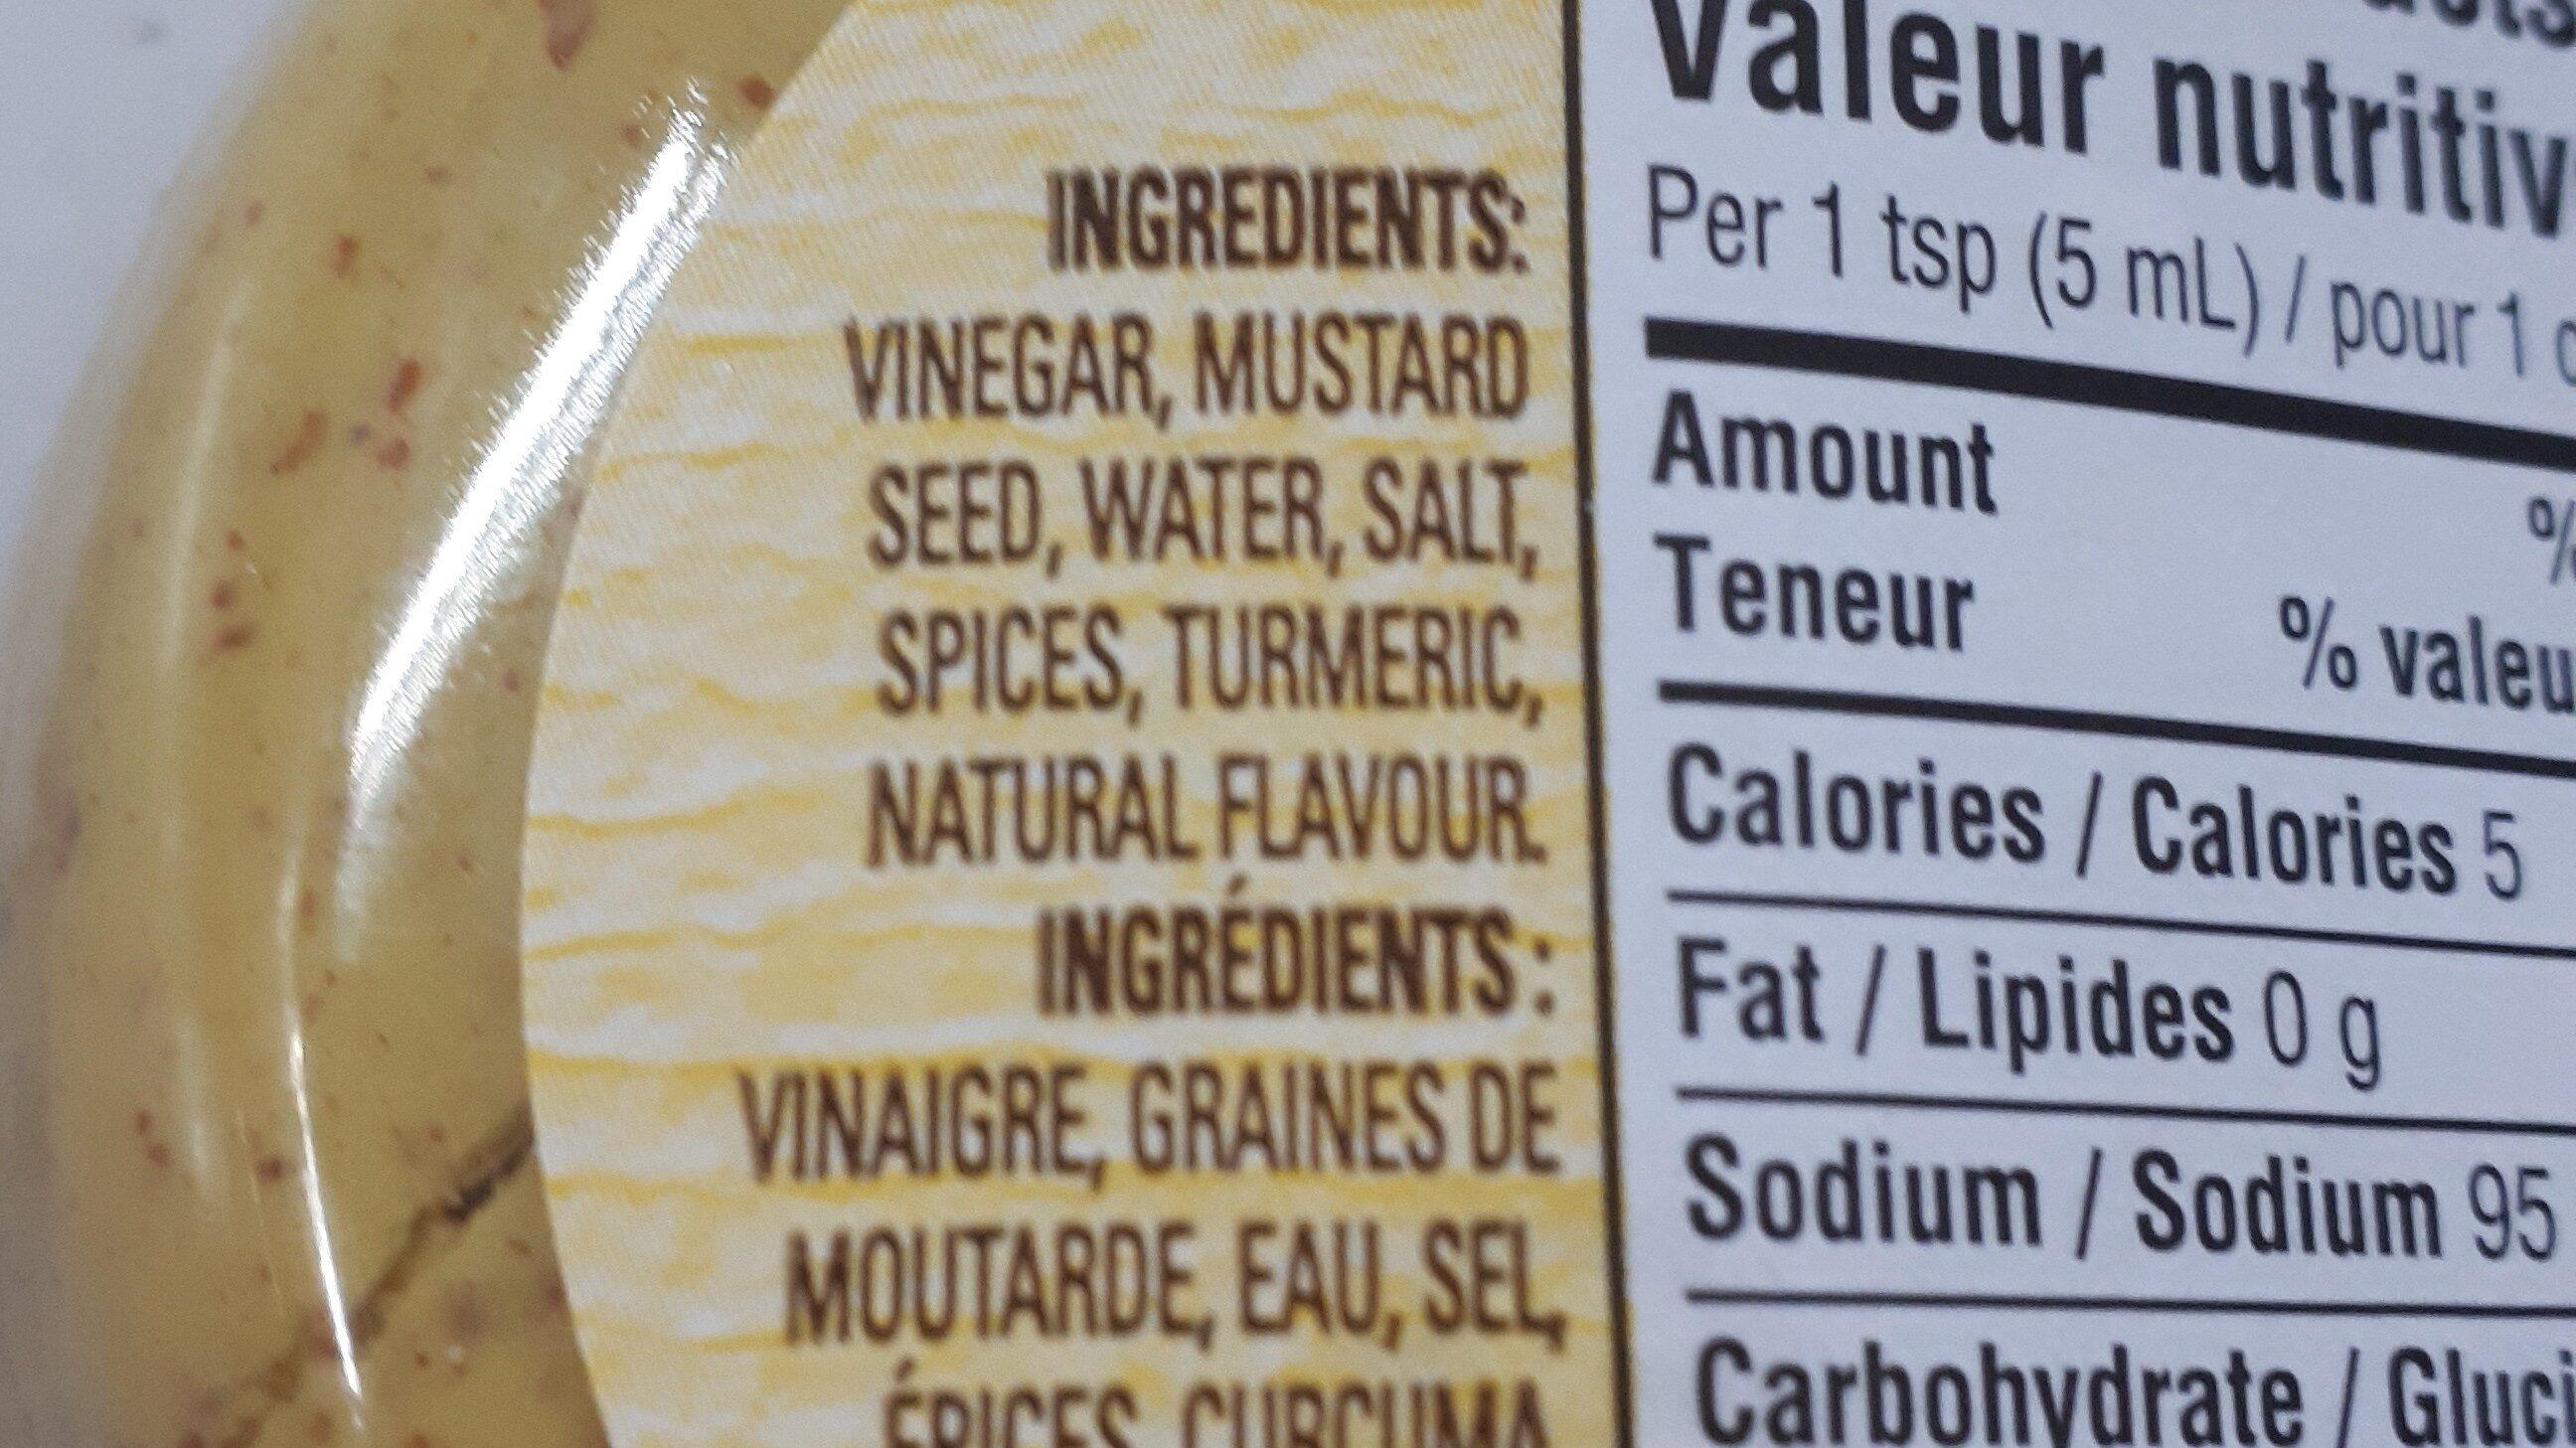 Moutarde préparée - Ingredients - fr